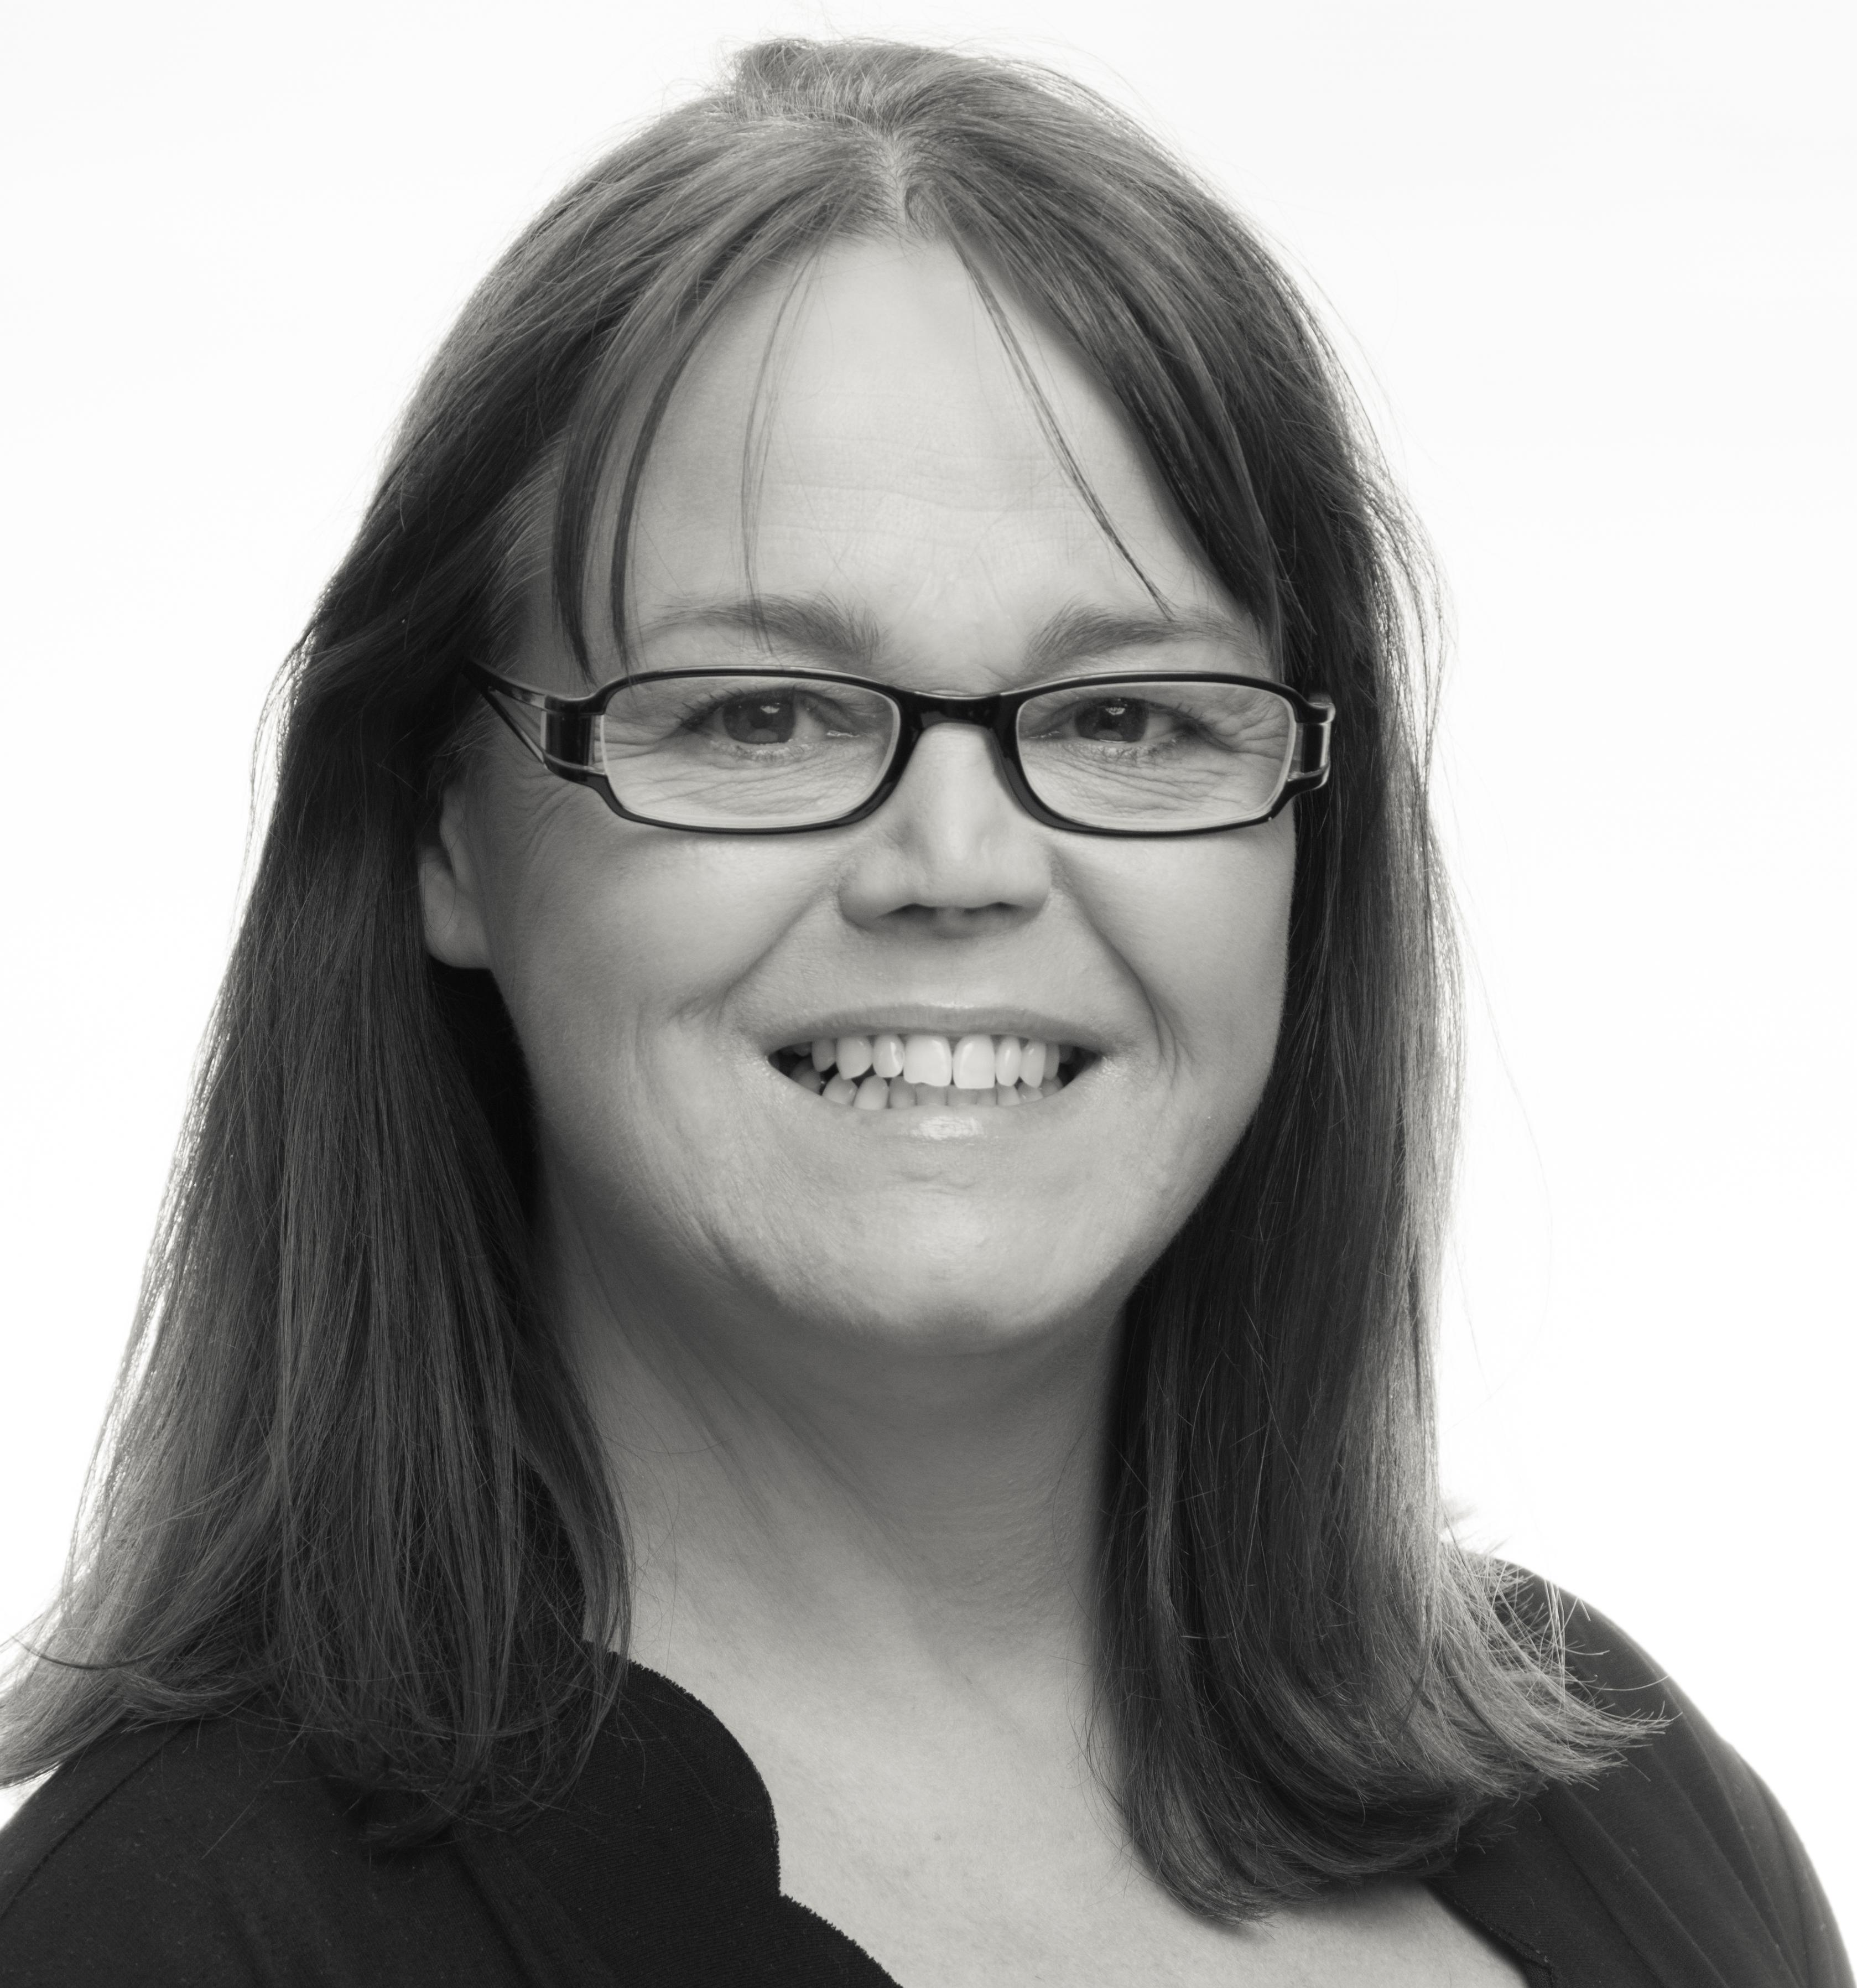 Jane Peake